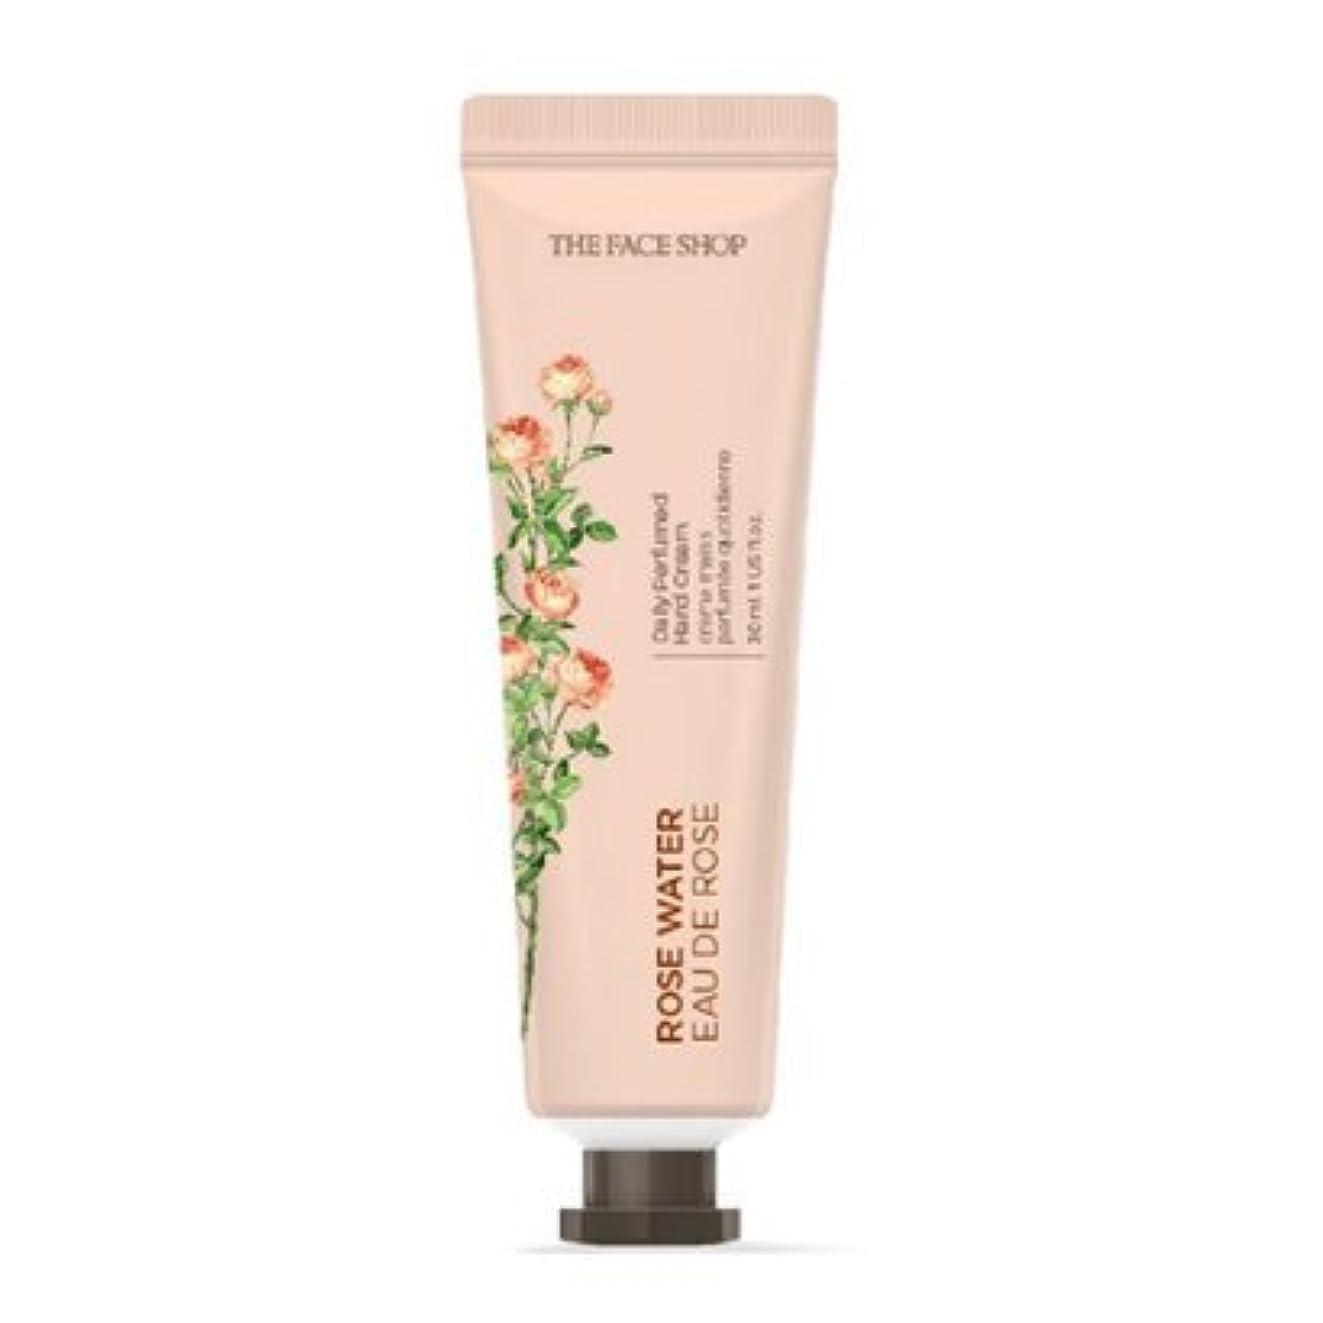 代名詞レイ多様な[1+1] THE FACE SHOP Daily Perfume Hand Cream [01.Rose Water] ザフェイスショップ デイリーパフュームハンドクリーム [01.ローズウォーター] [new] [並行輸入品]